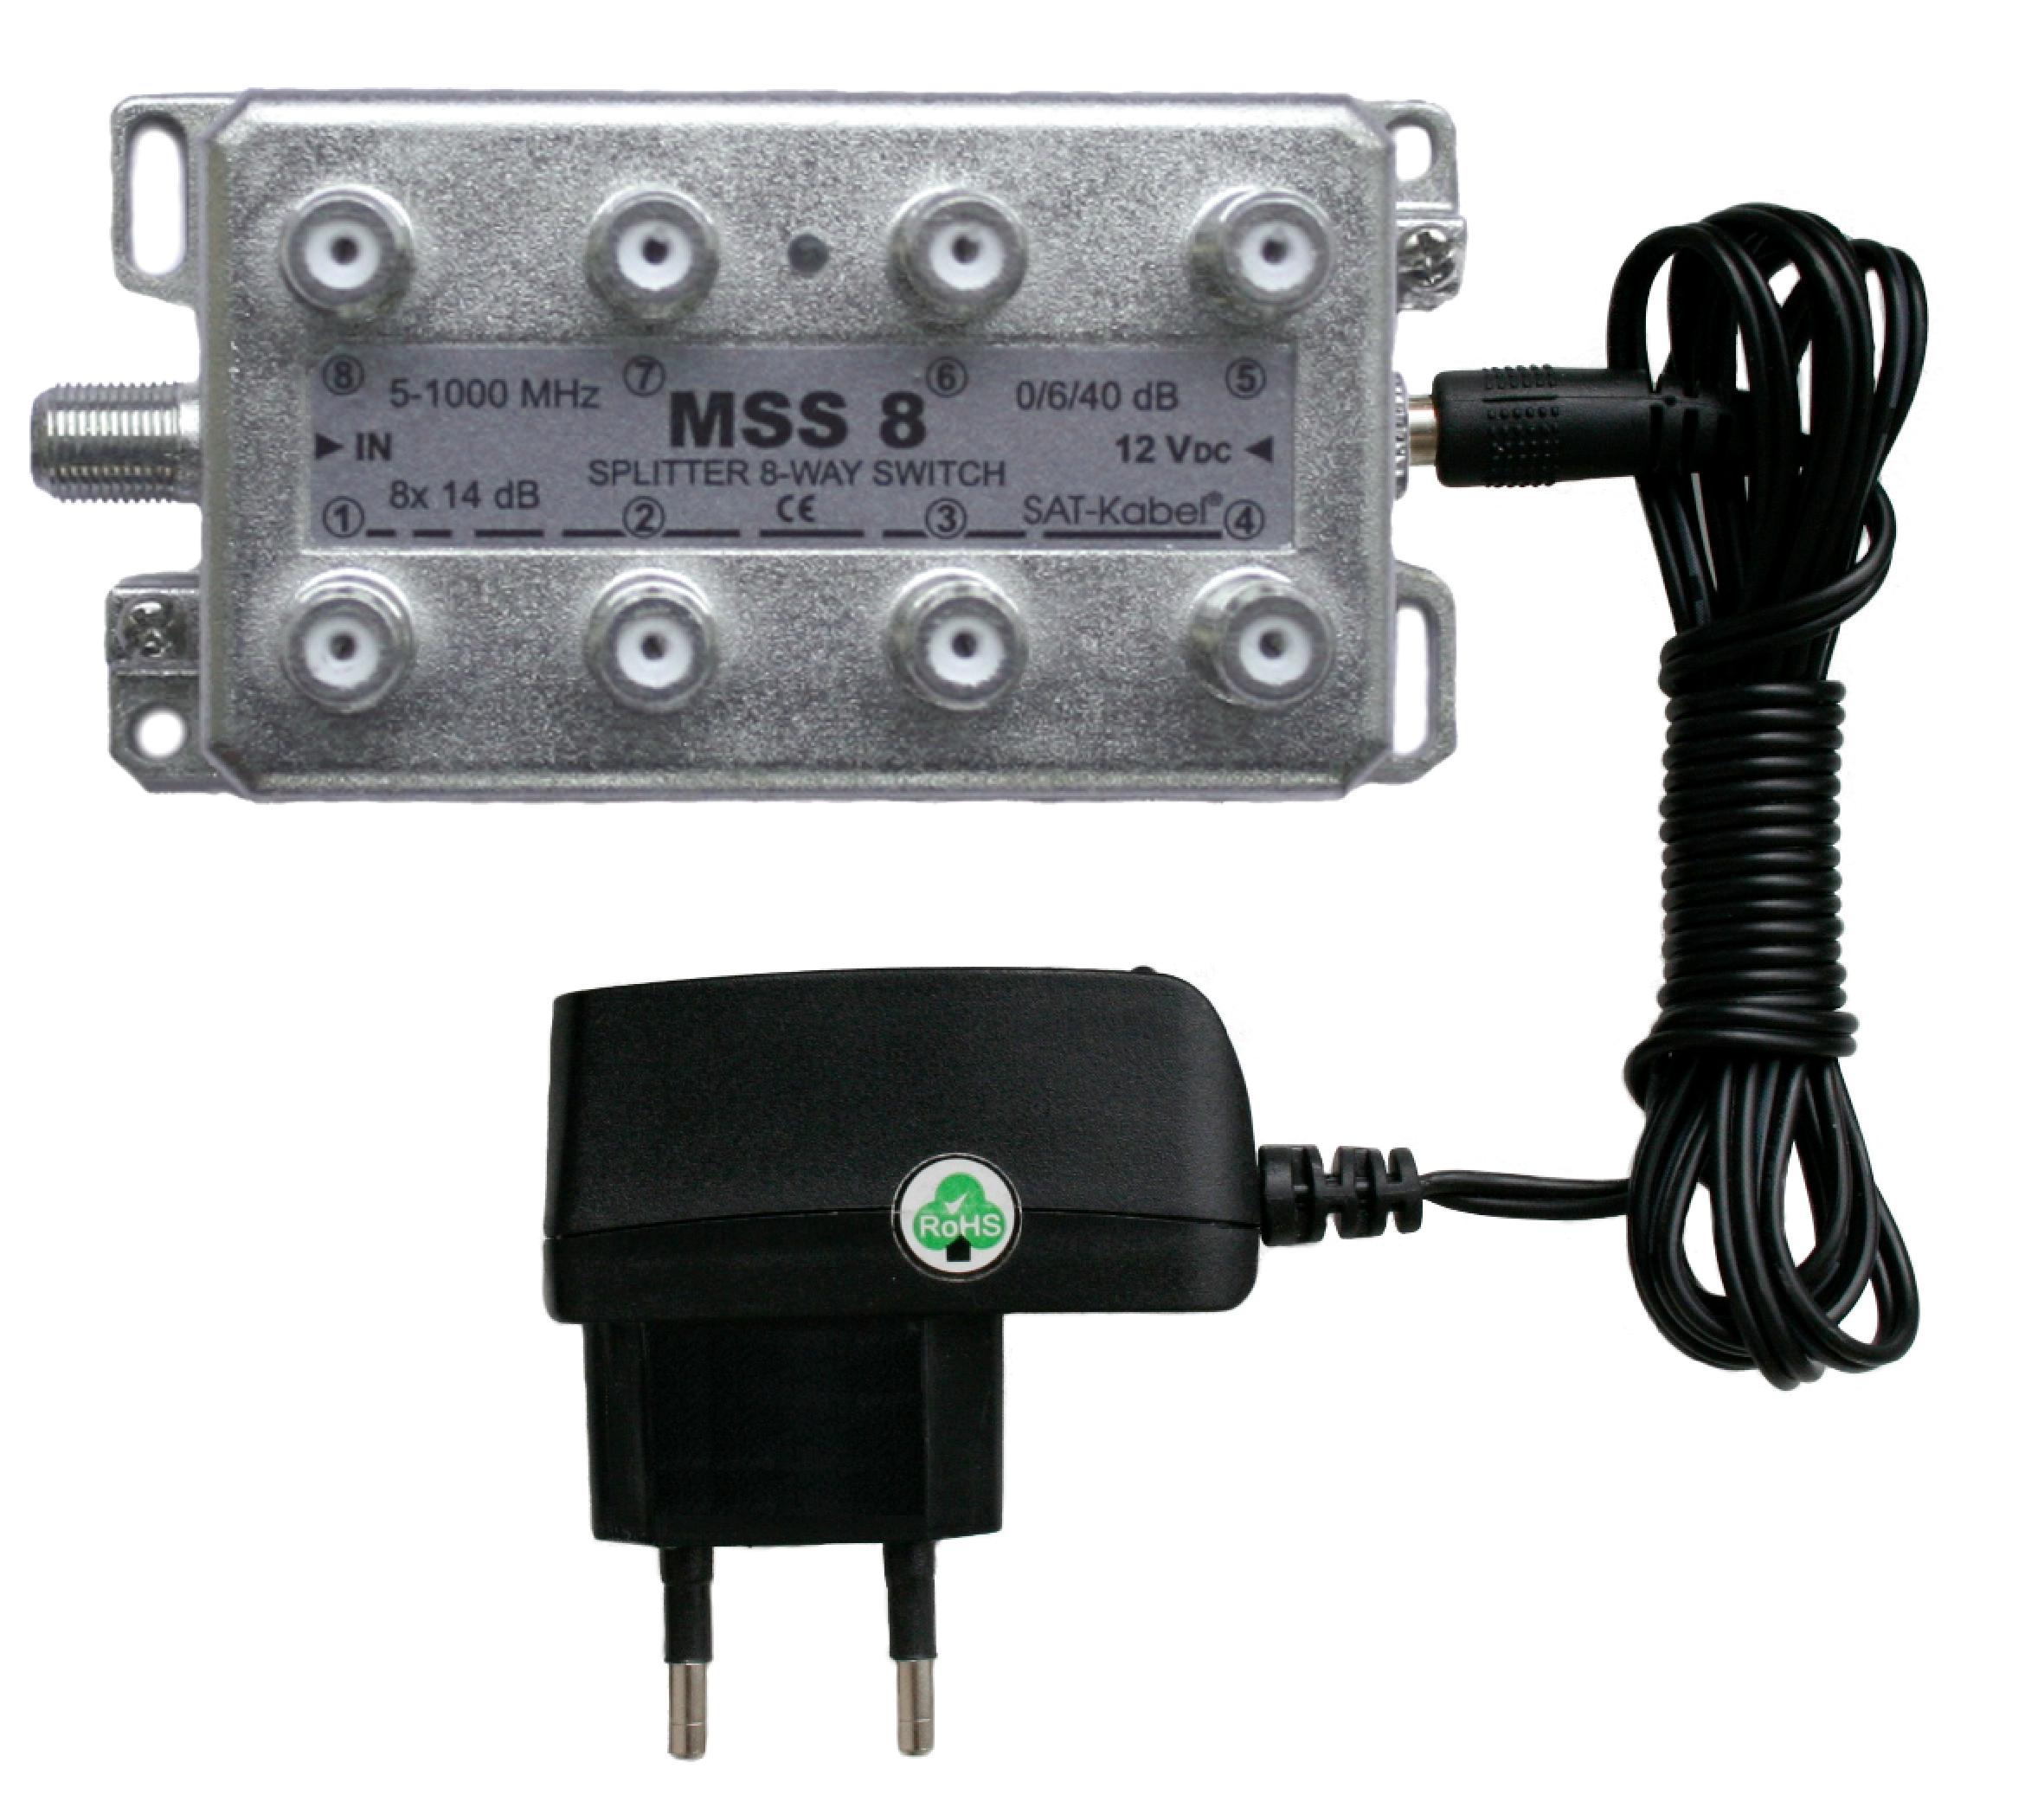 MSS 8